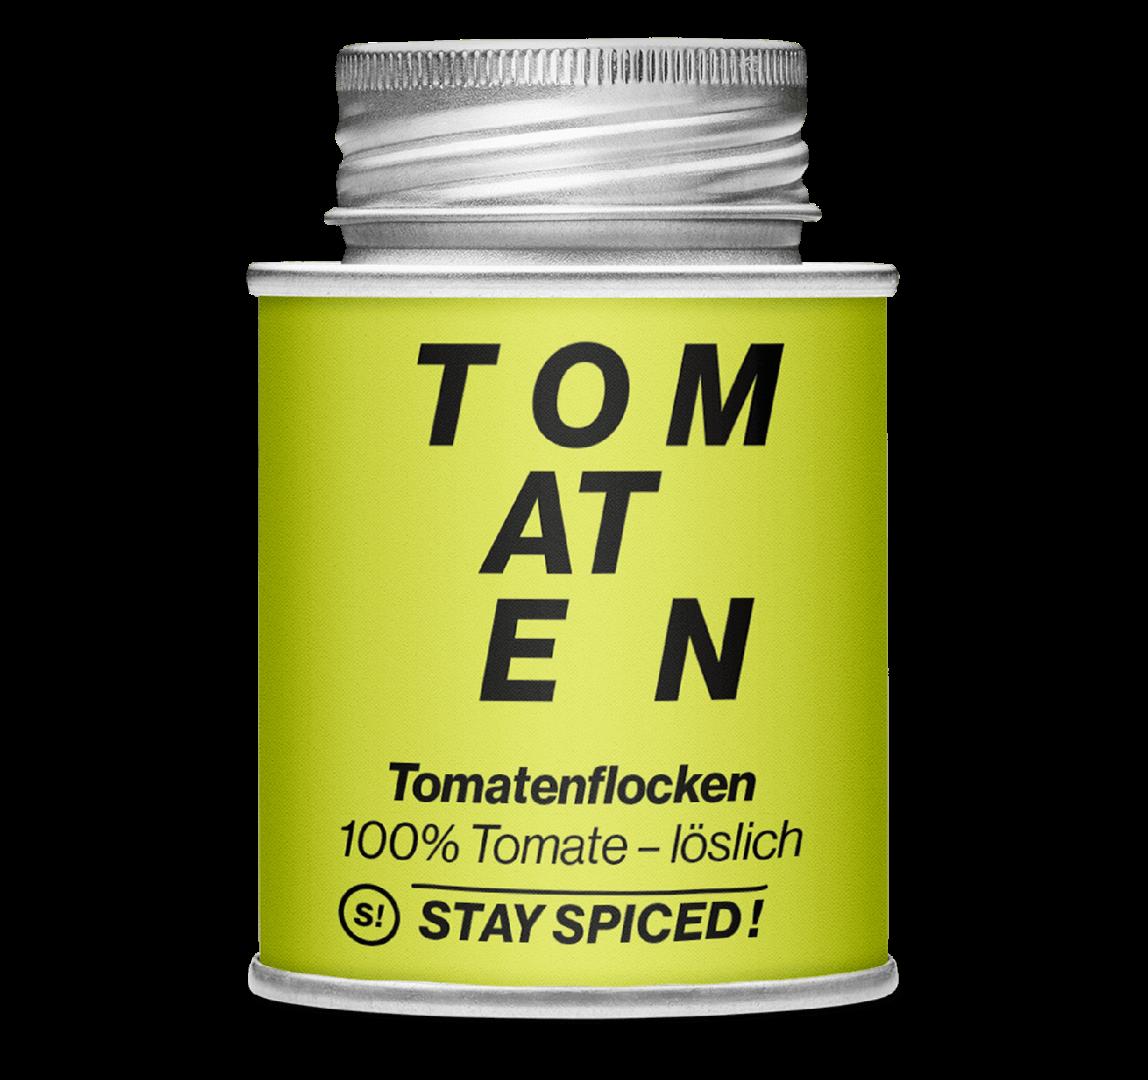 Gewürzzubereitung Tomatenflocken 1kg entspricht kg frischen